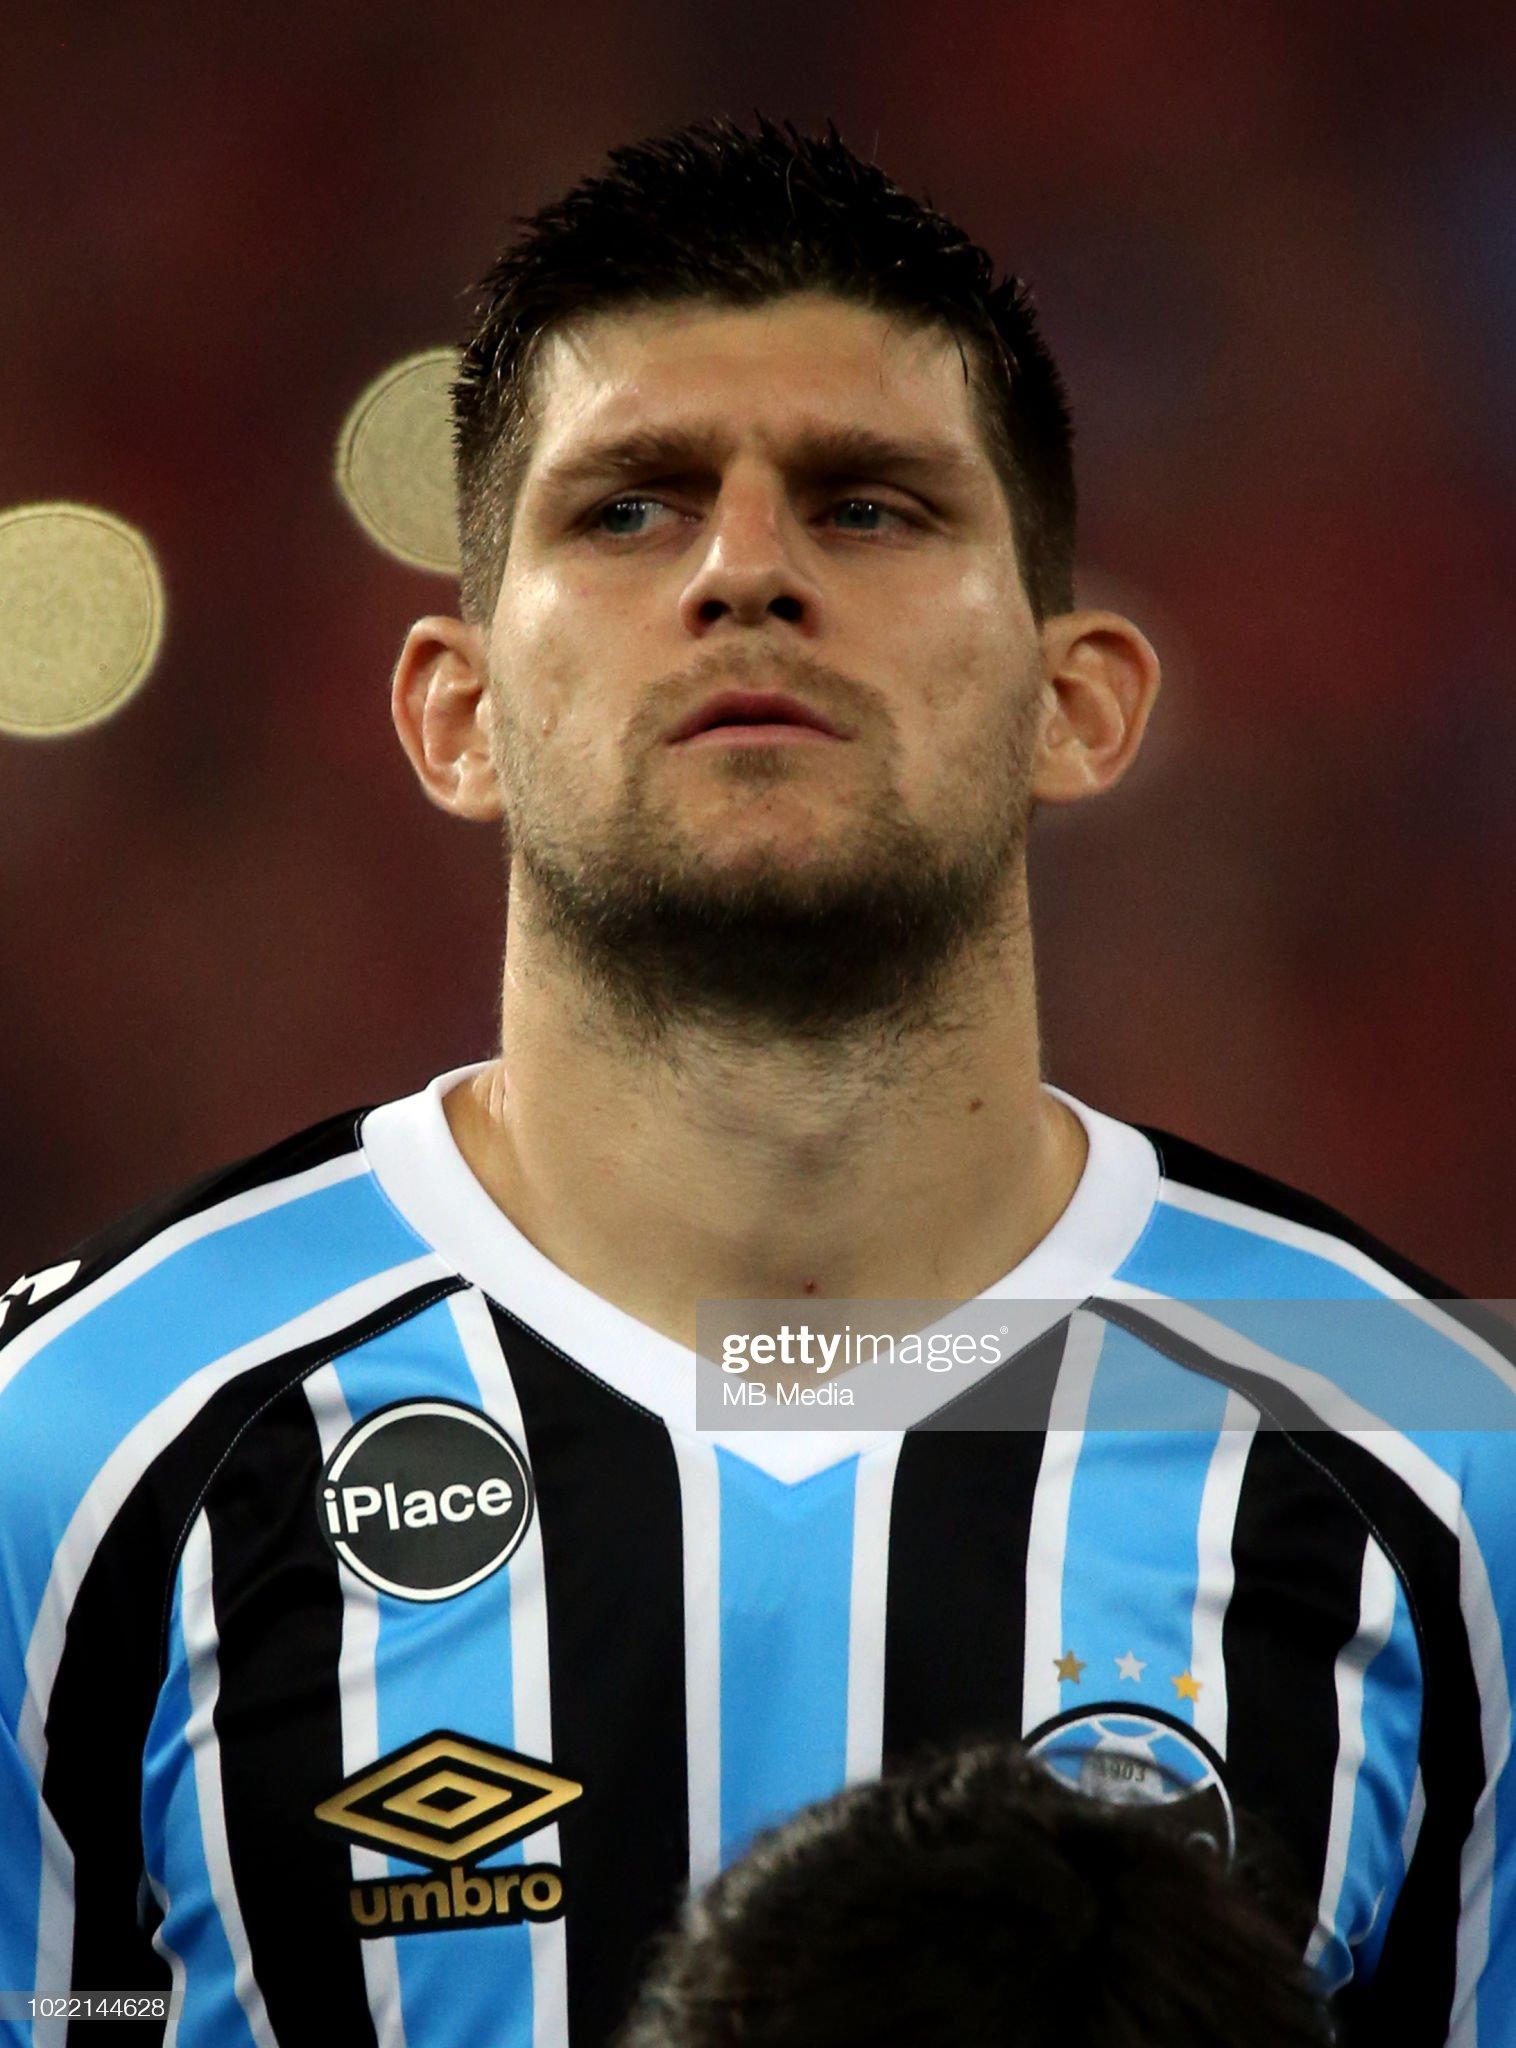 [Imagen: brazilian-football-league-serie-a-2018-n...=2048x2048]